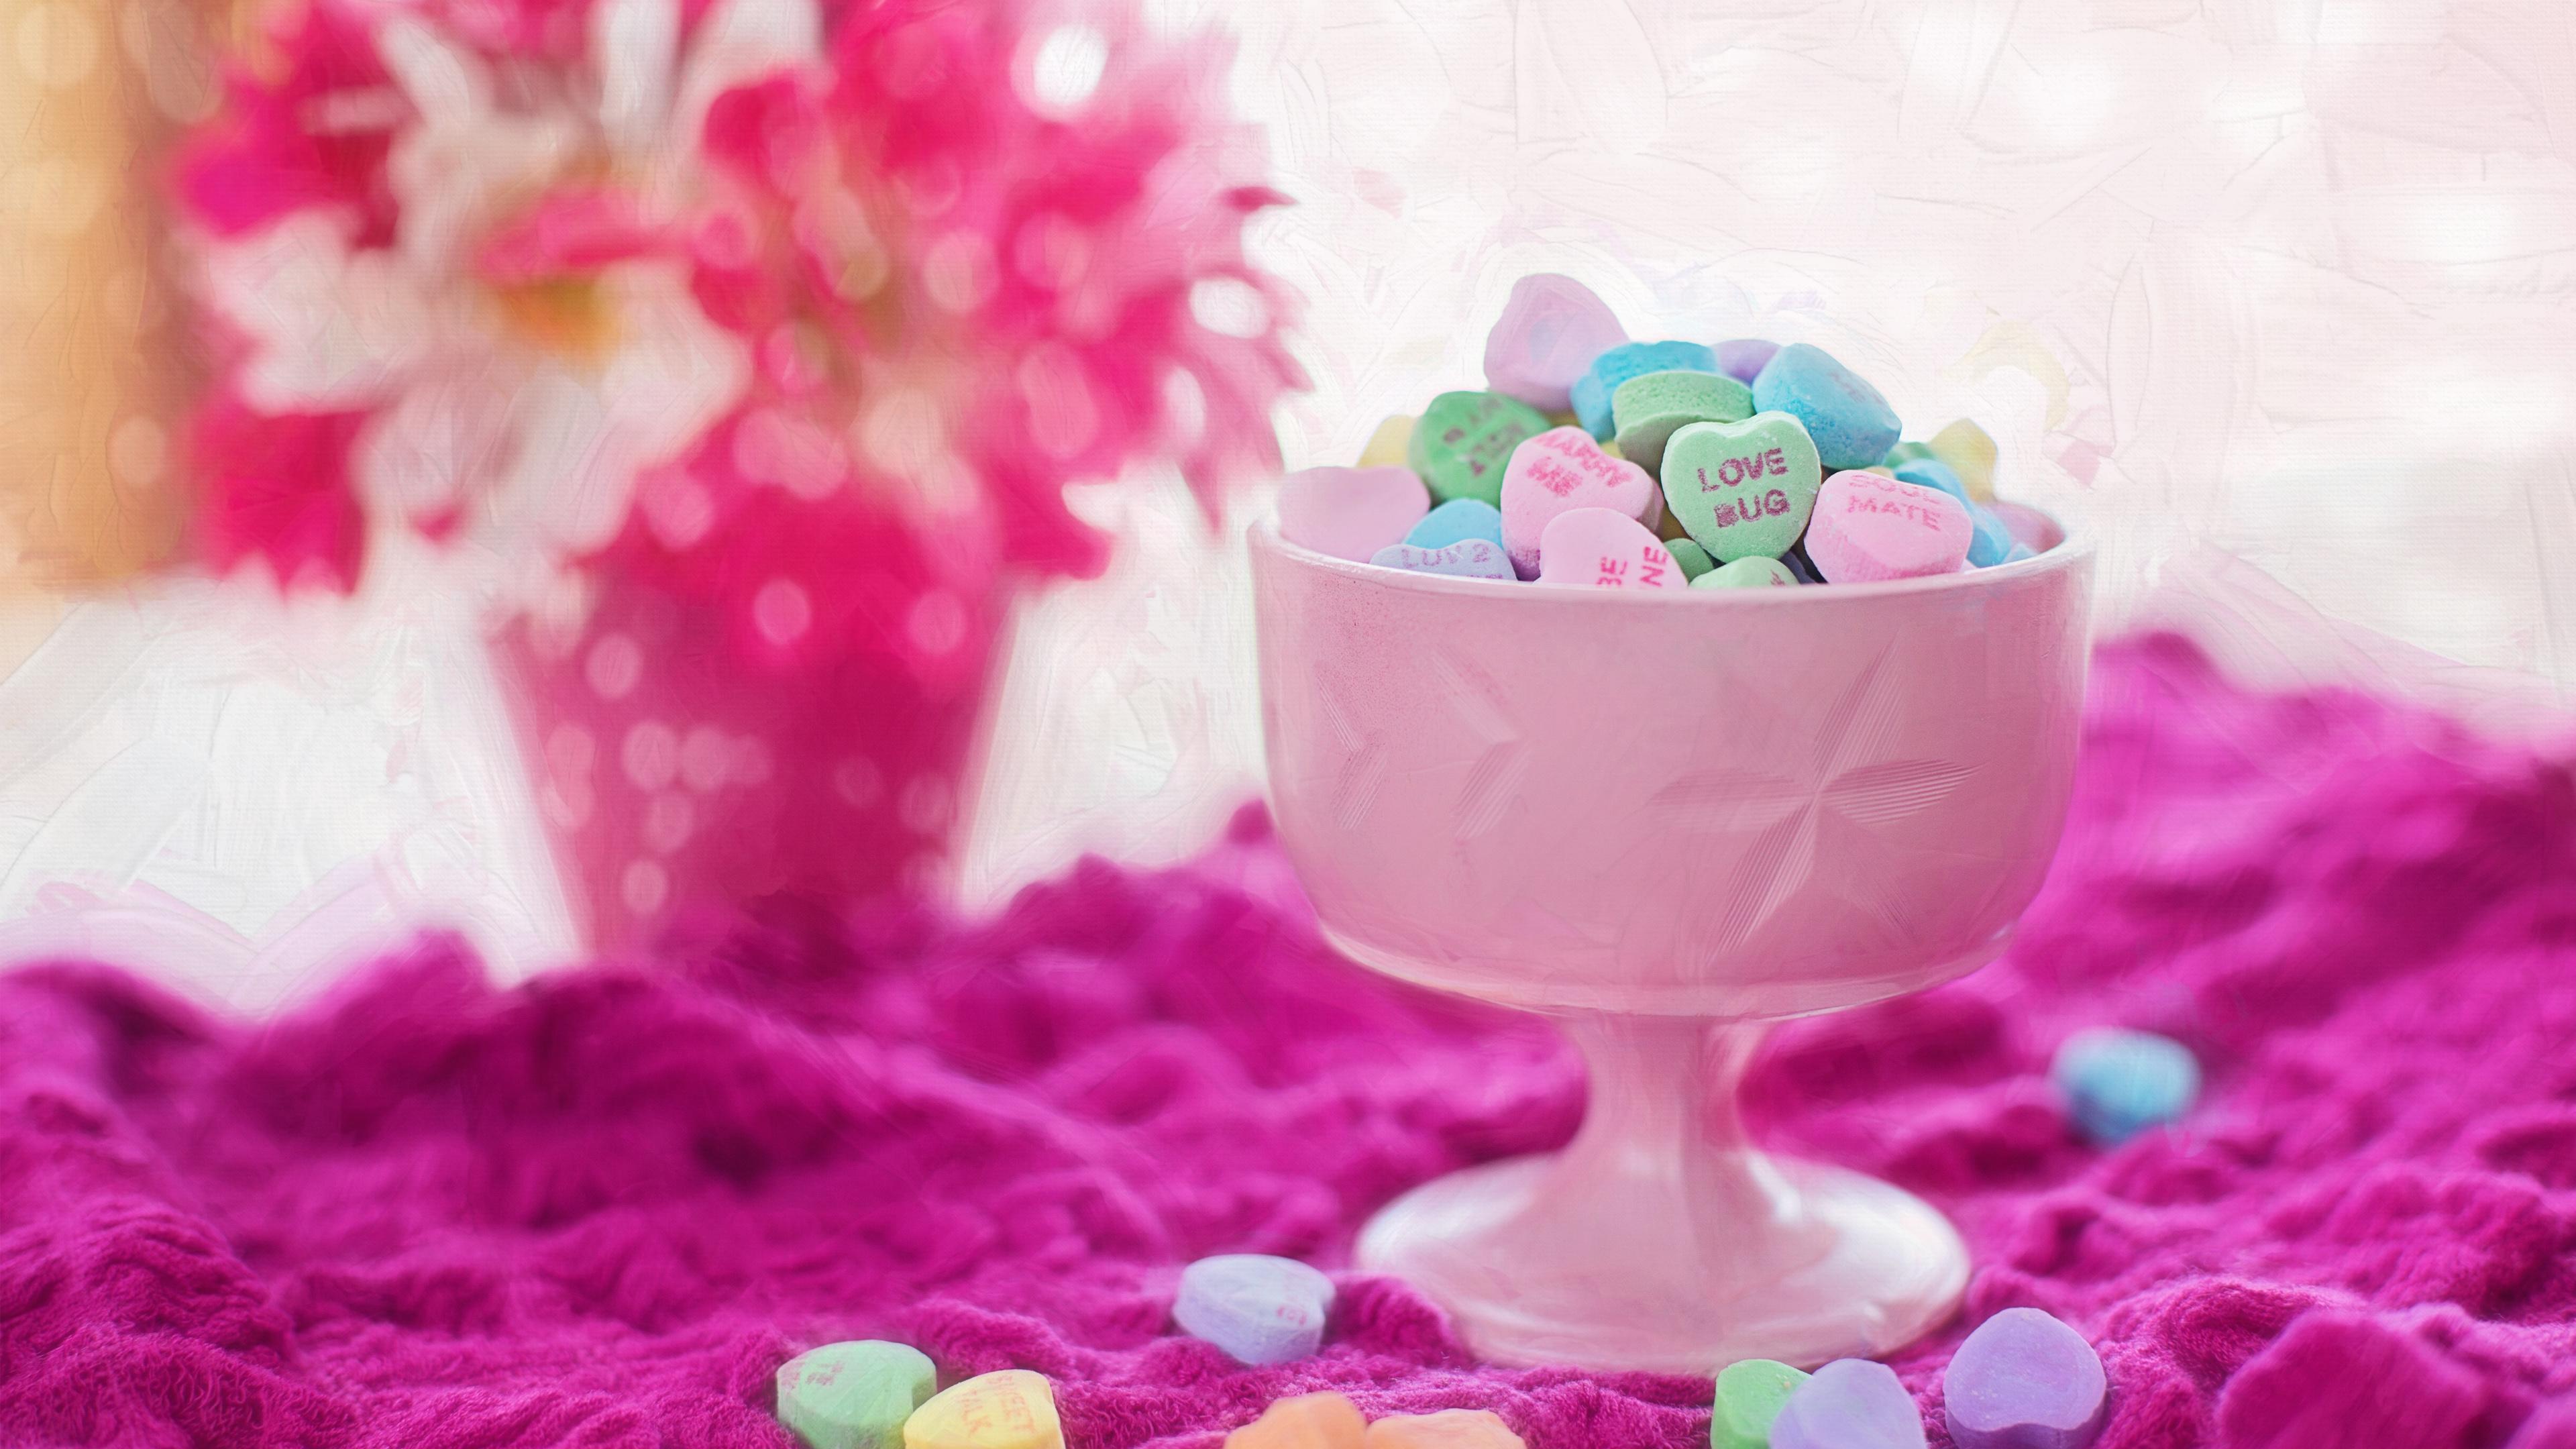 Праздничный стол с розовой вазой сладких сердечек и букетом цветов